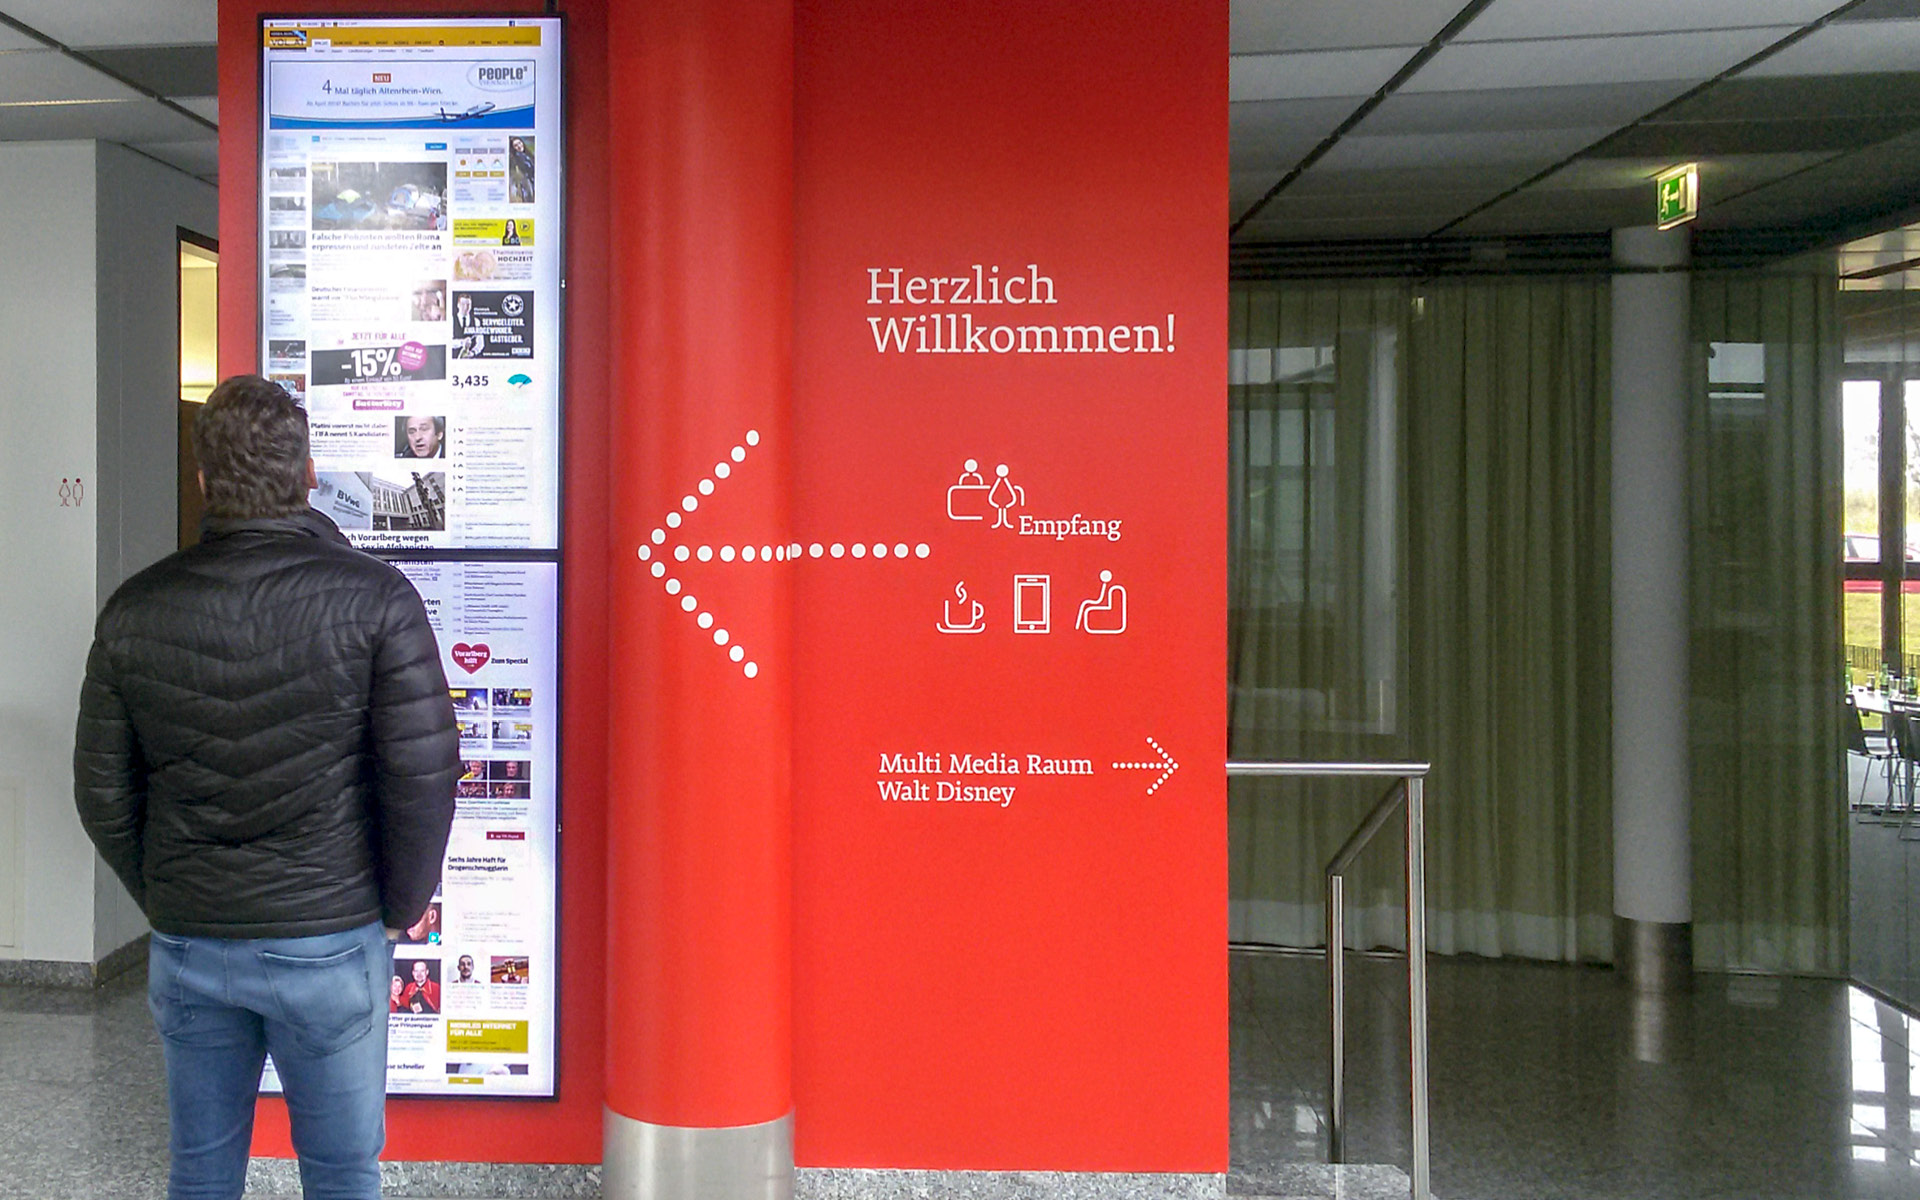 Leitsystem für Russmedia von der Werbeagentur look! design